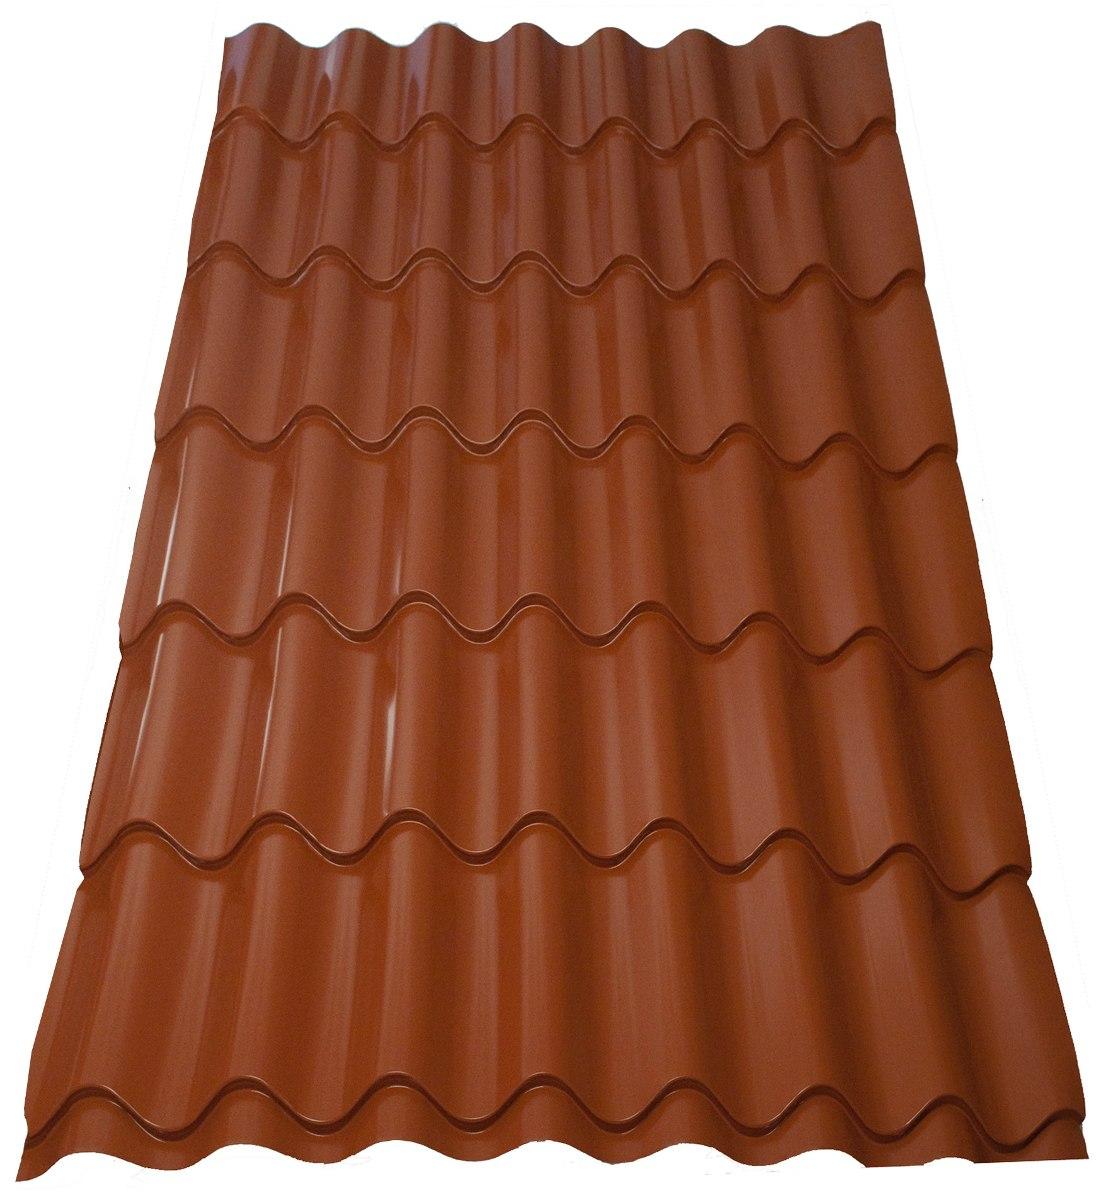 Laminas para techos tejasalvy metro cuadrado maracaibo for Figuras para techos de casas